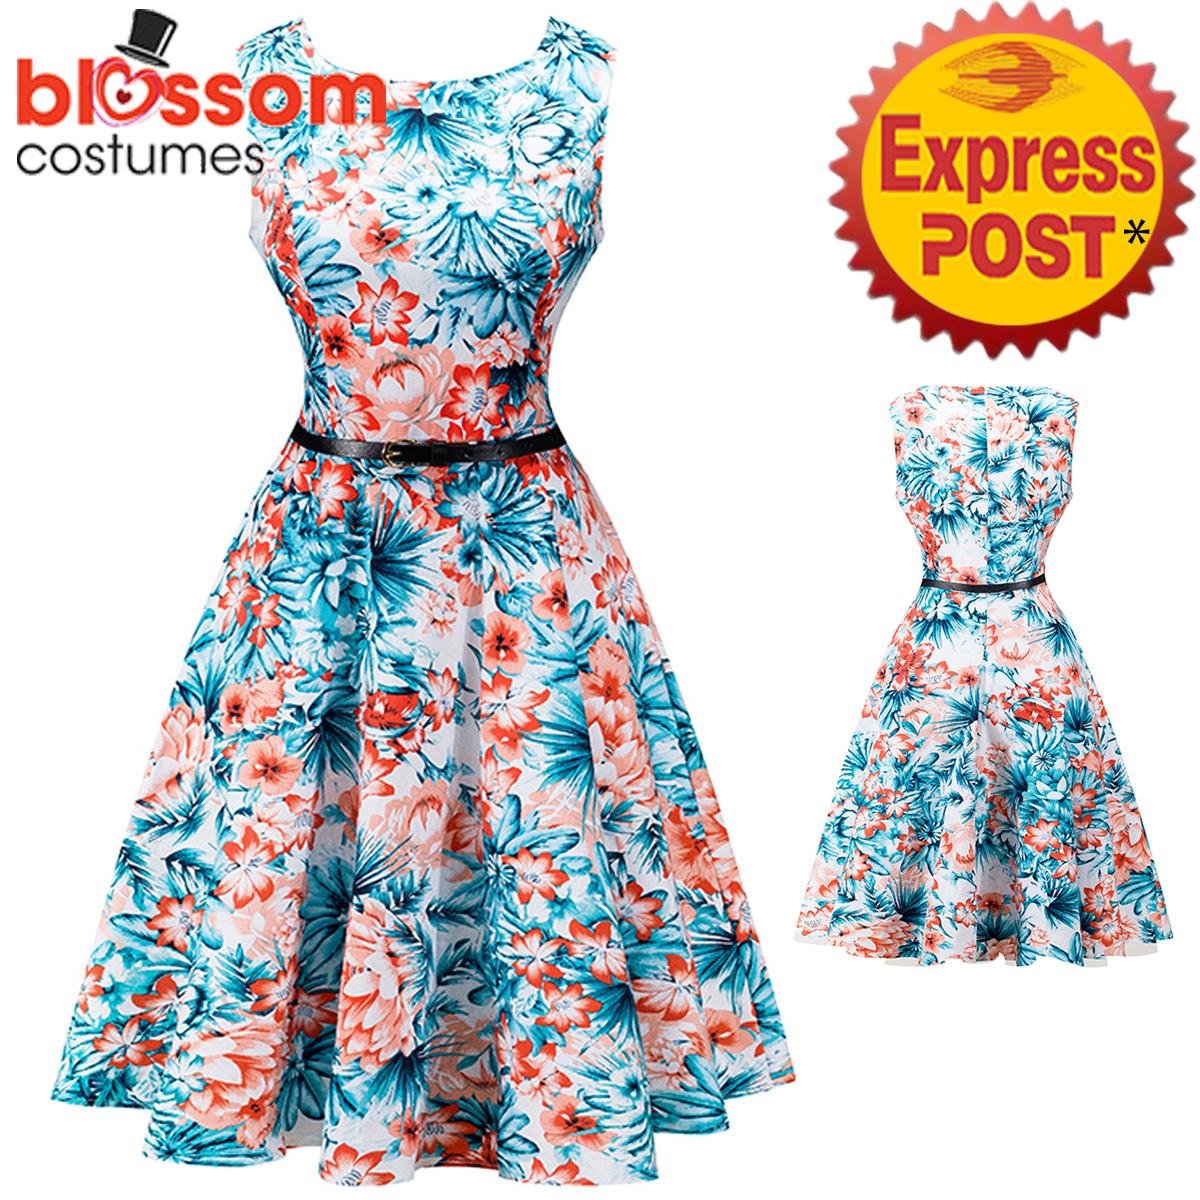 K332 Blue Flower Retro Rockabilly Vintage Party 50s Swing Dress